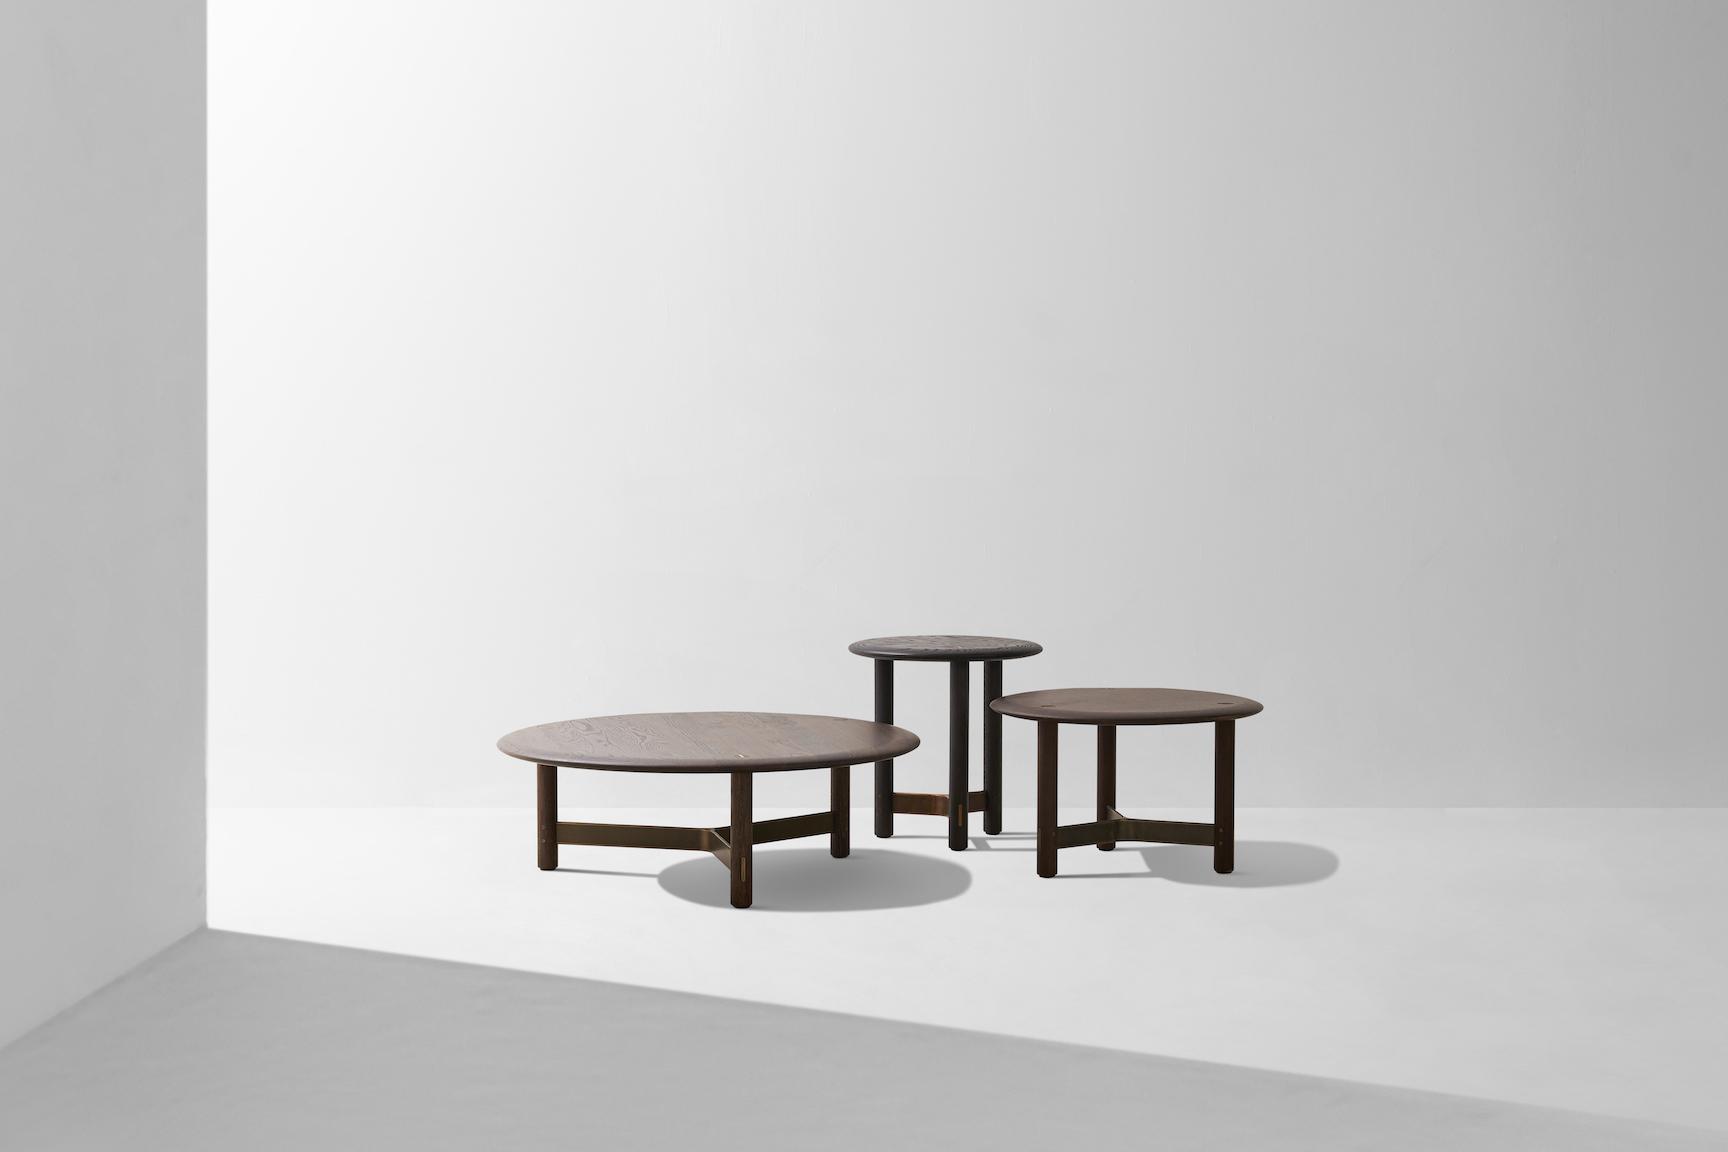 Dunke Design Stilt round table